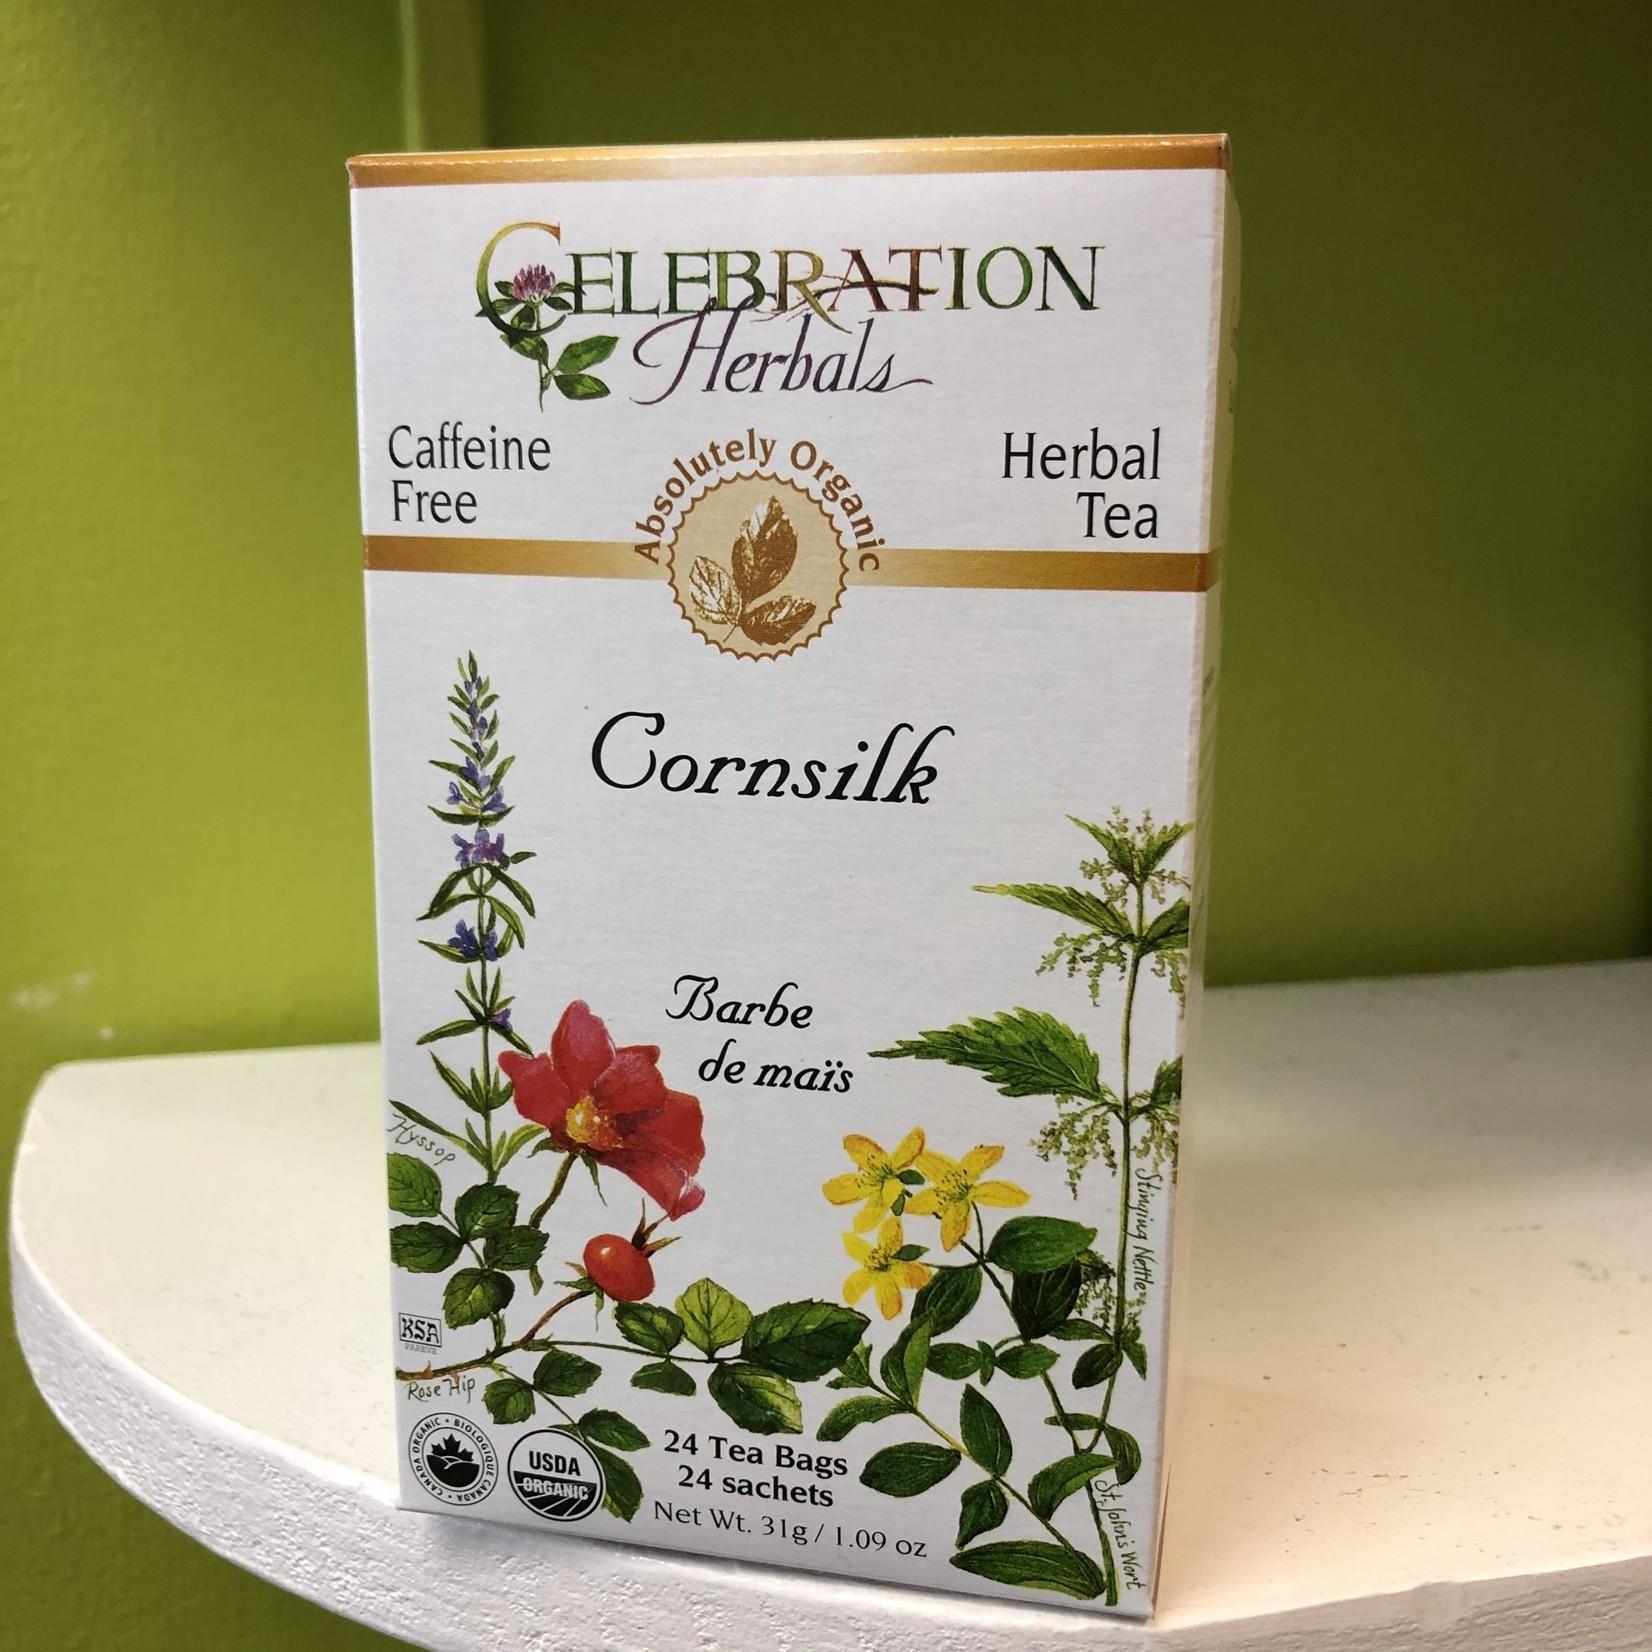 Celebration Herbals Celebration Herbals Cornsilk Tea 24 Tea Bags